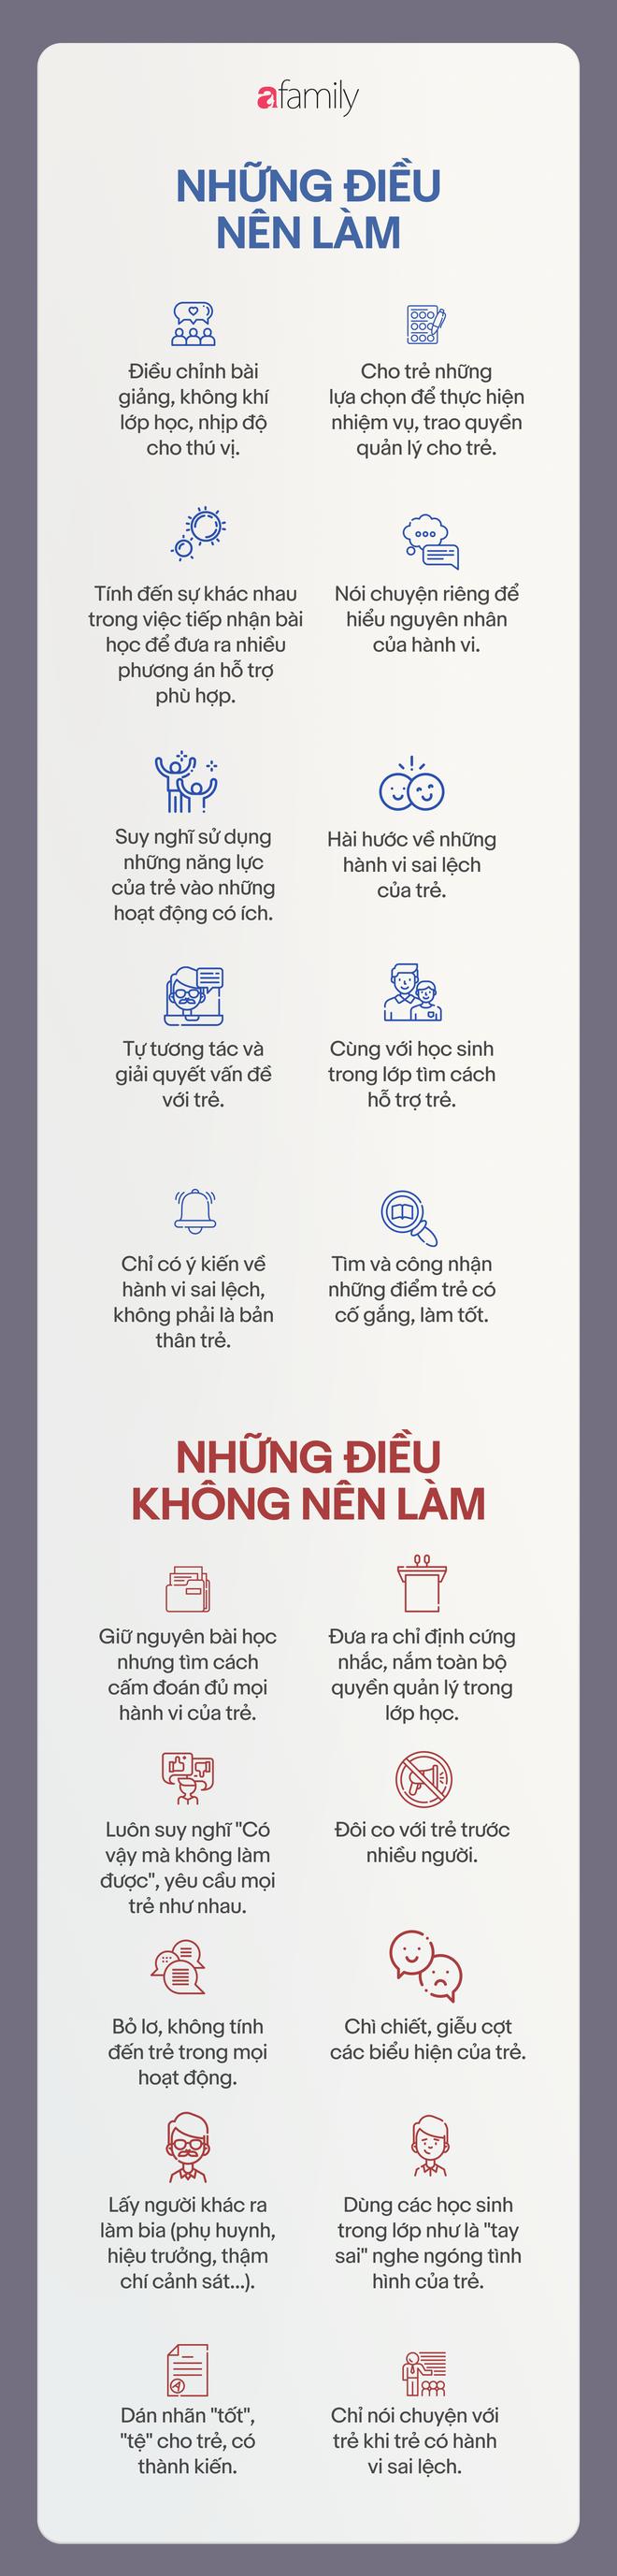 """Thạc sĩ tâm lý học Nguyễn Thị Chung: """"Xử lý"""" học trò quậy online mùa dịch, có cần mời công an vào cuộc? - ảnh 4"""